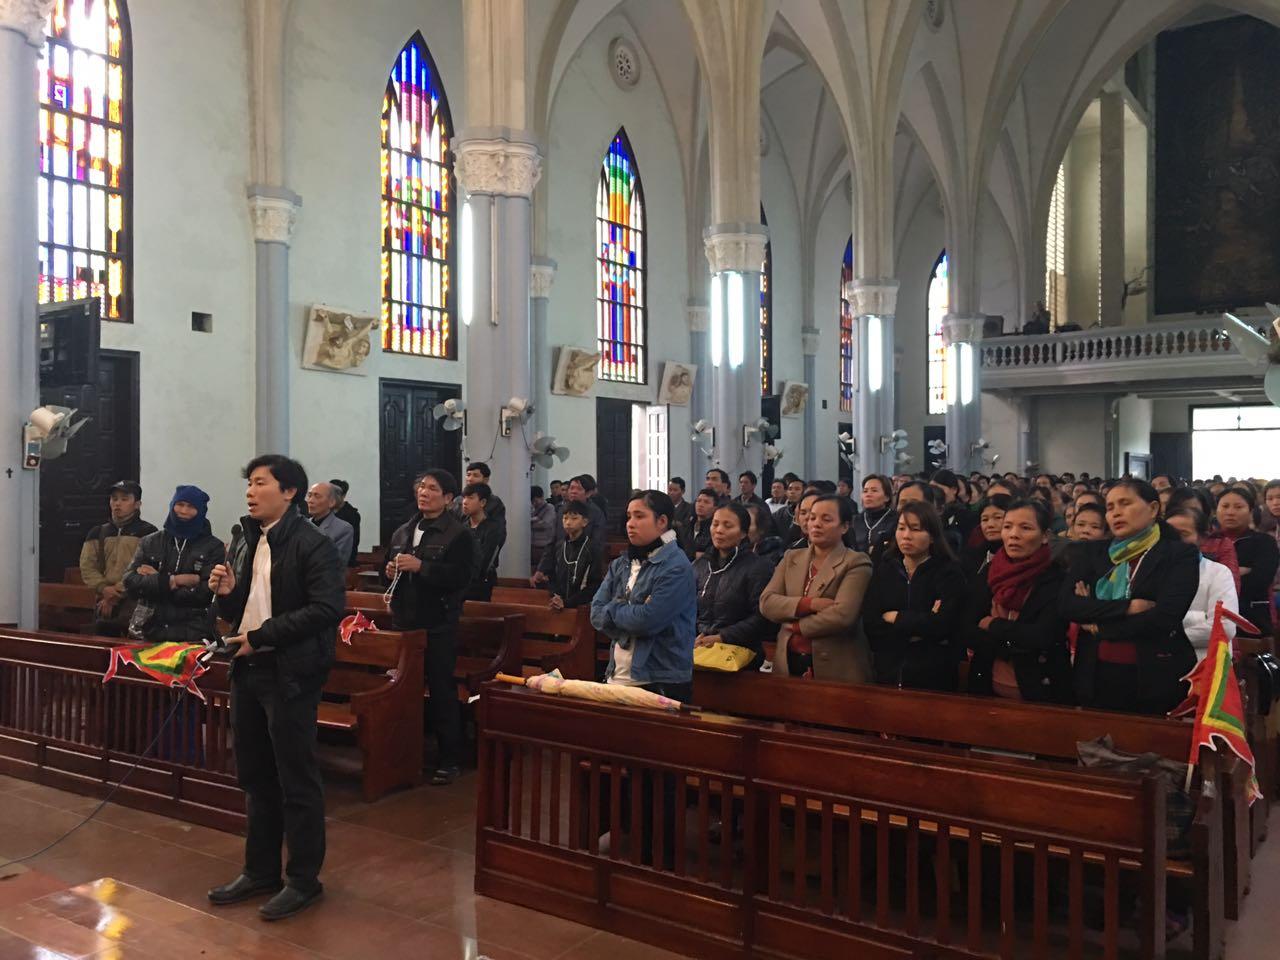 Linh Mục Nguyễn Đình Thục cùng hàng ngàn giáo dân đi bằng xe gắn máy khởi kiện Formosa